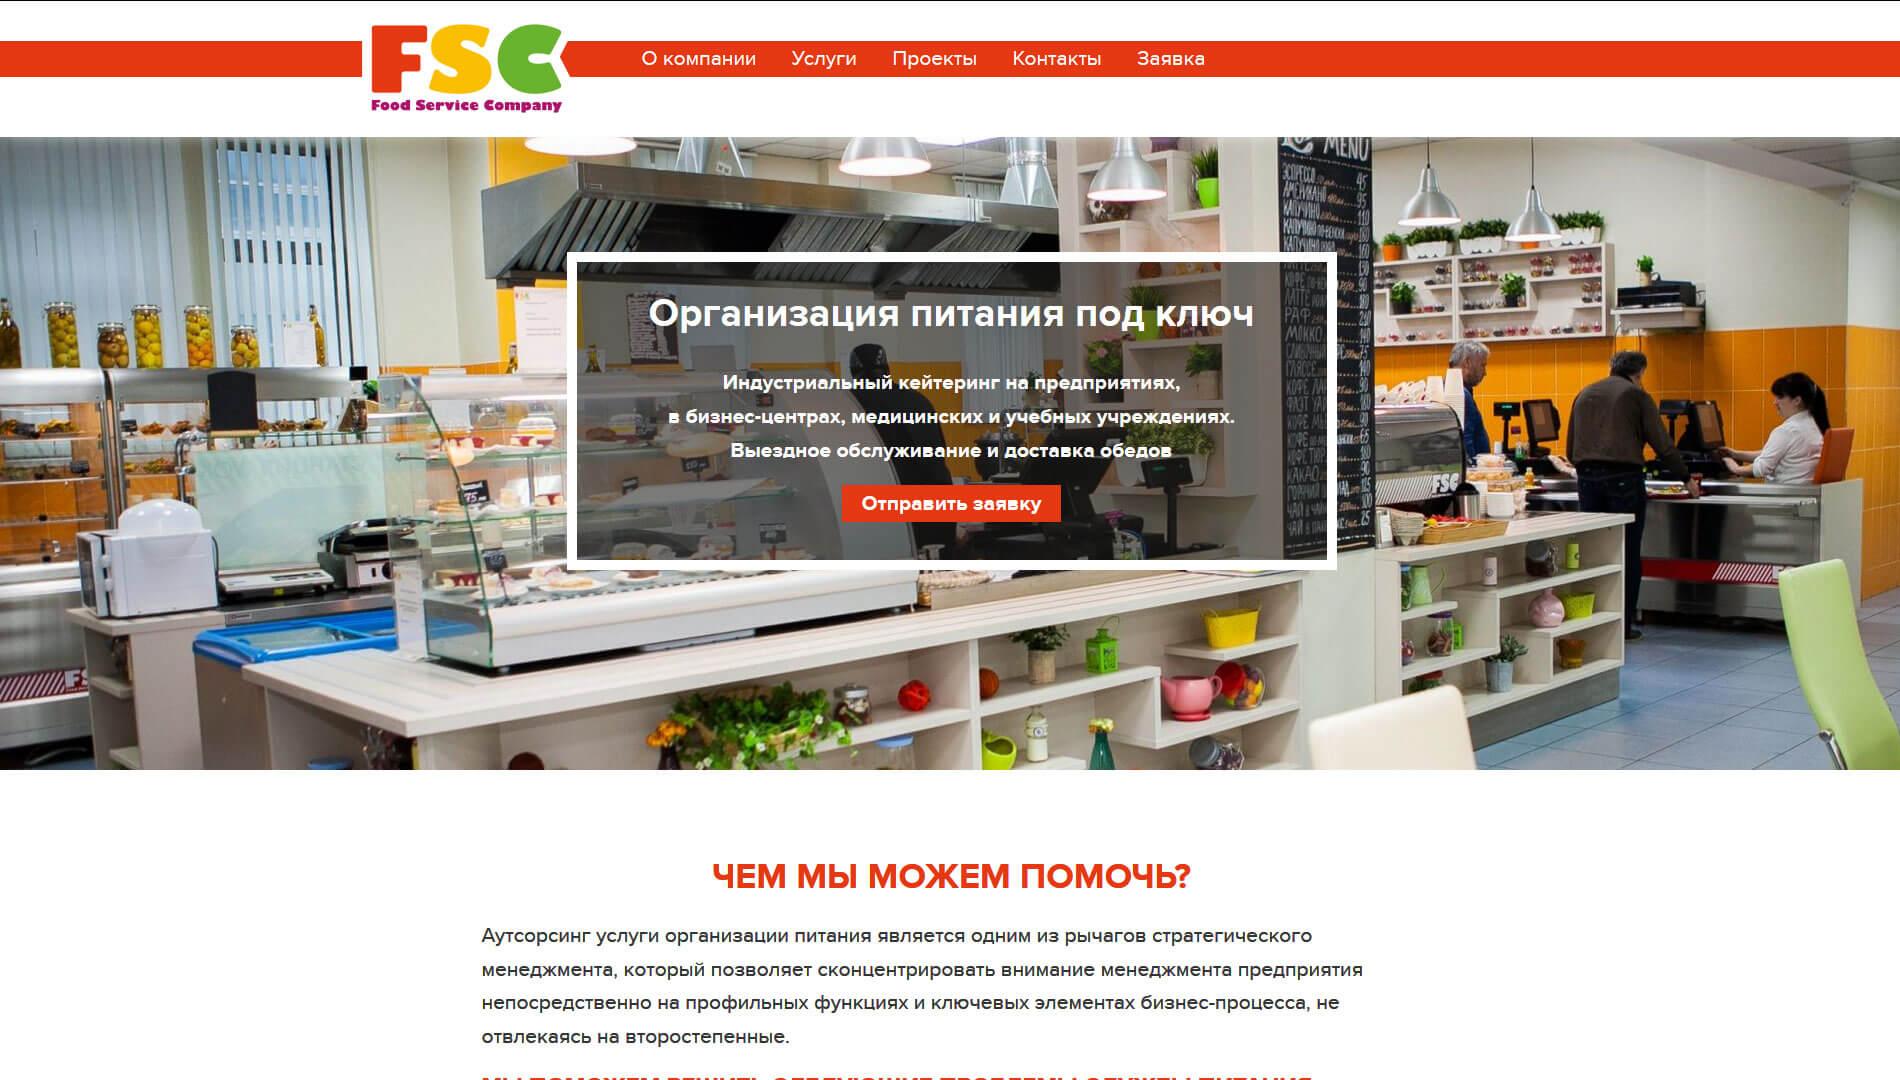 Создание сайта для кейтеринговой компании Food Service Company